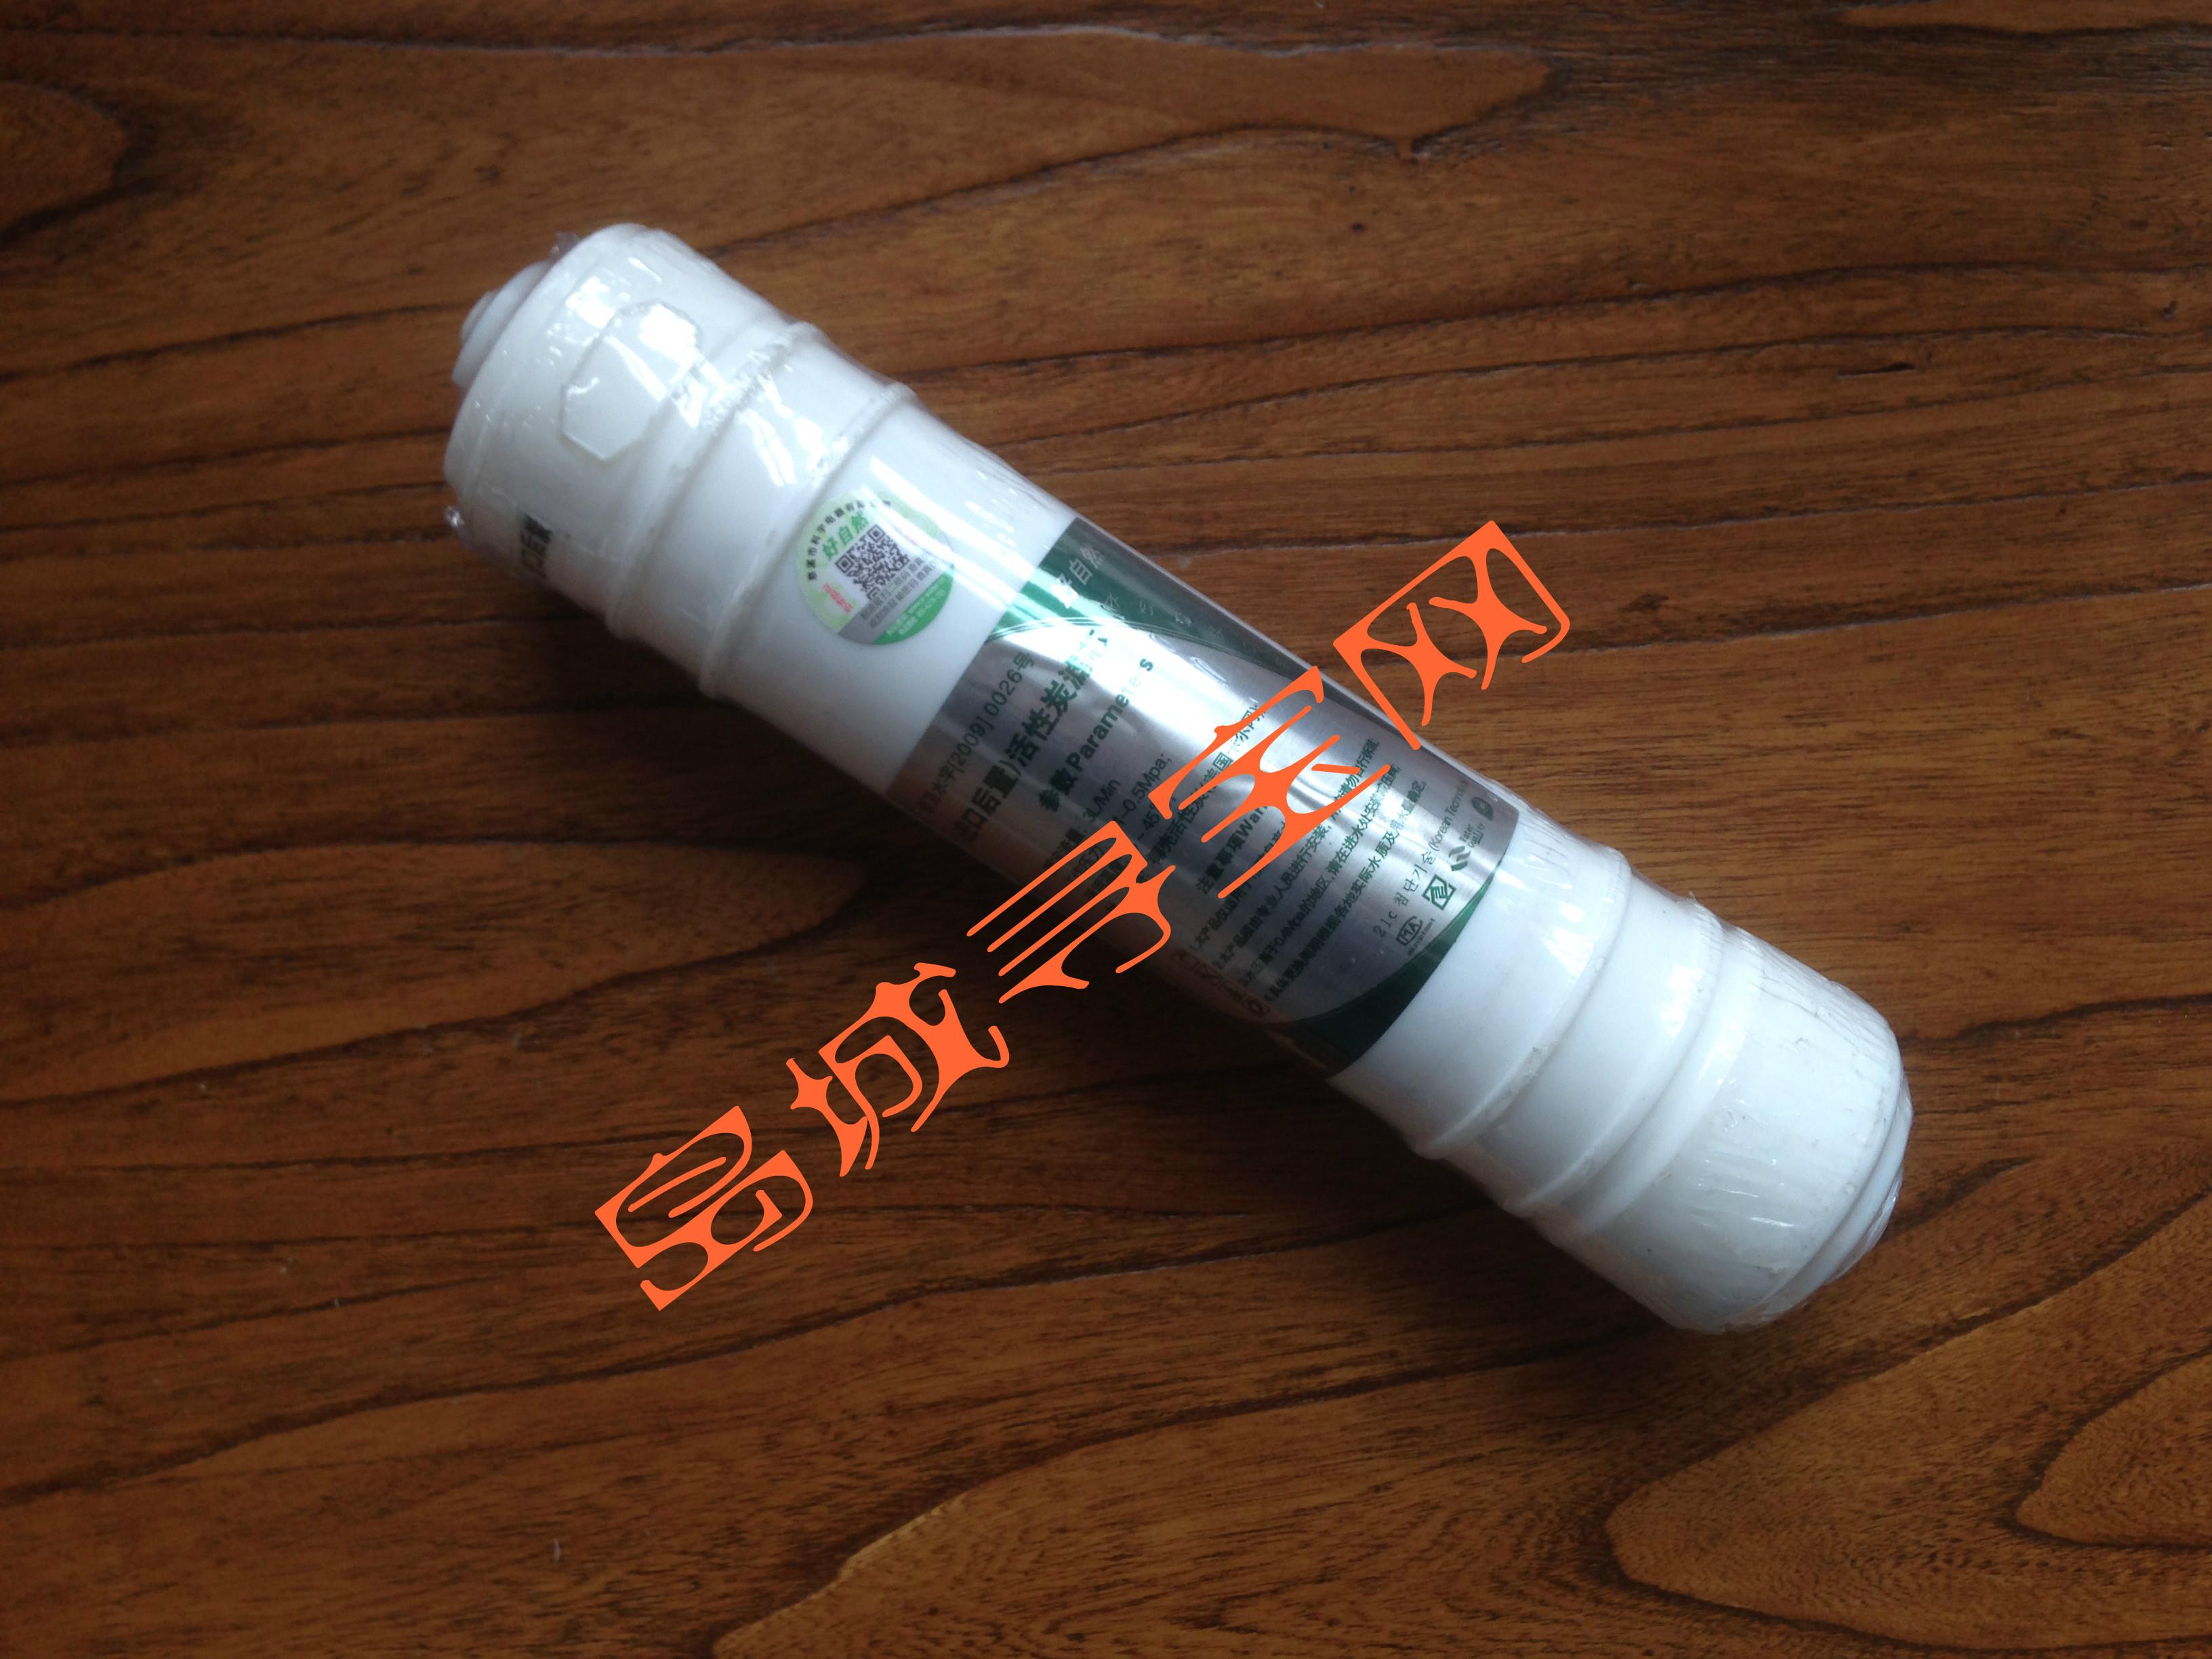 Keyu der natürlichen Wasser - Filter ultrafiltration eine box - Nadel - U - Mund ans chunlan Allgemeine Allgemeine